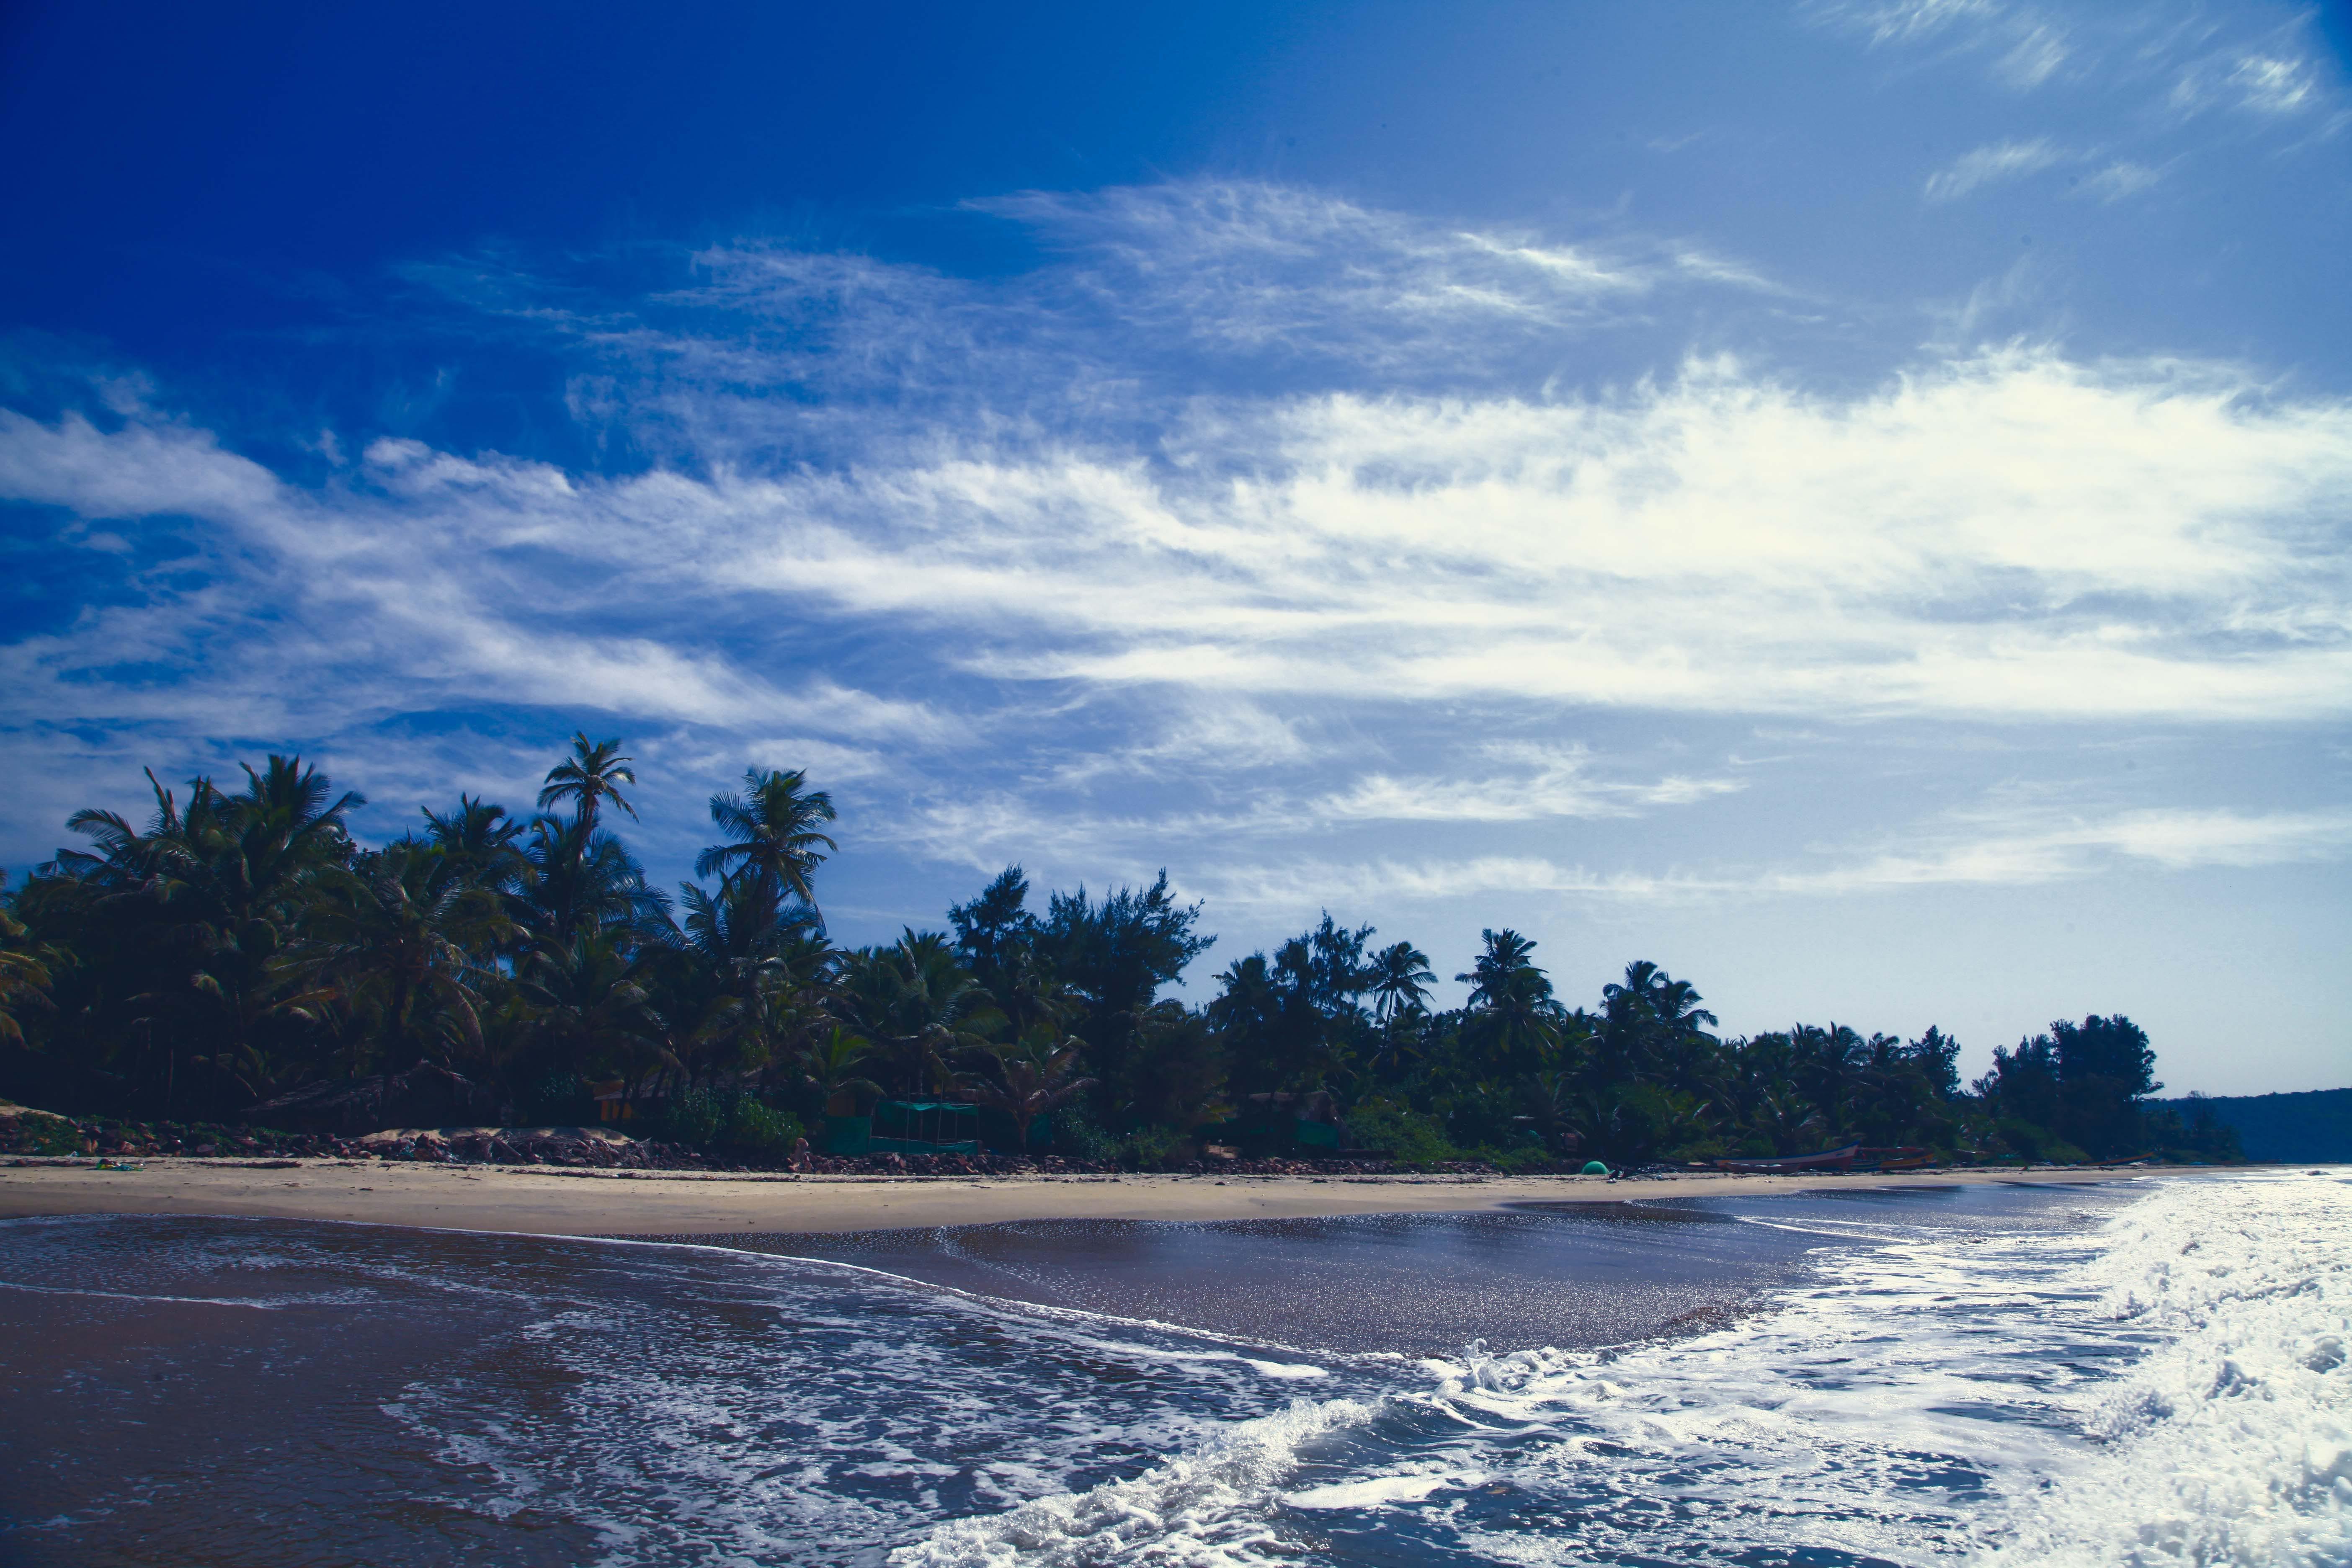 シースケープ, ナチュラル, ビーチ, 夏の無料の写真素材